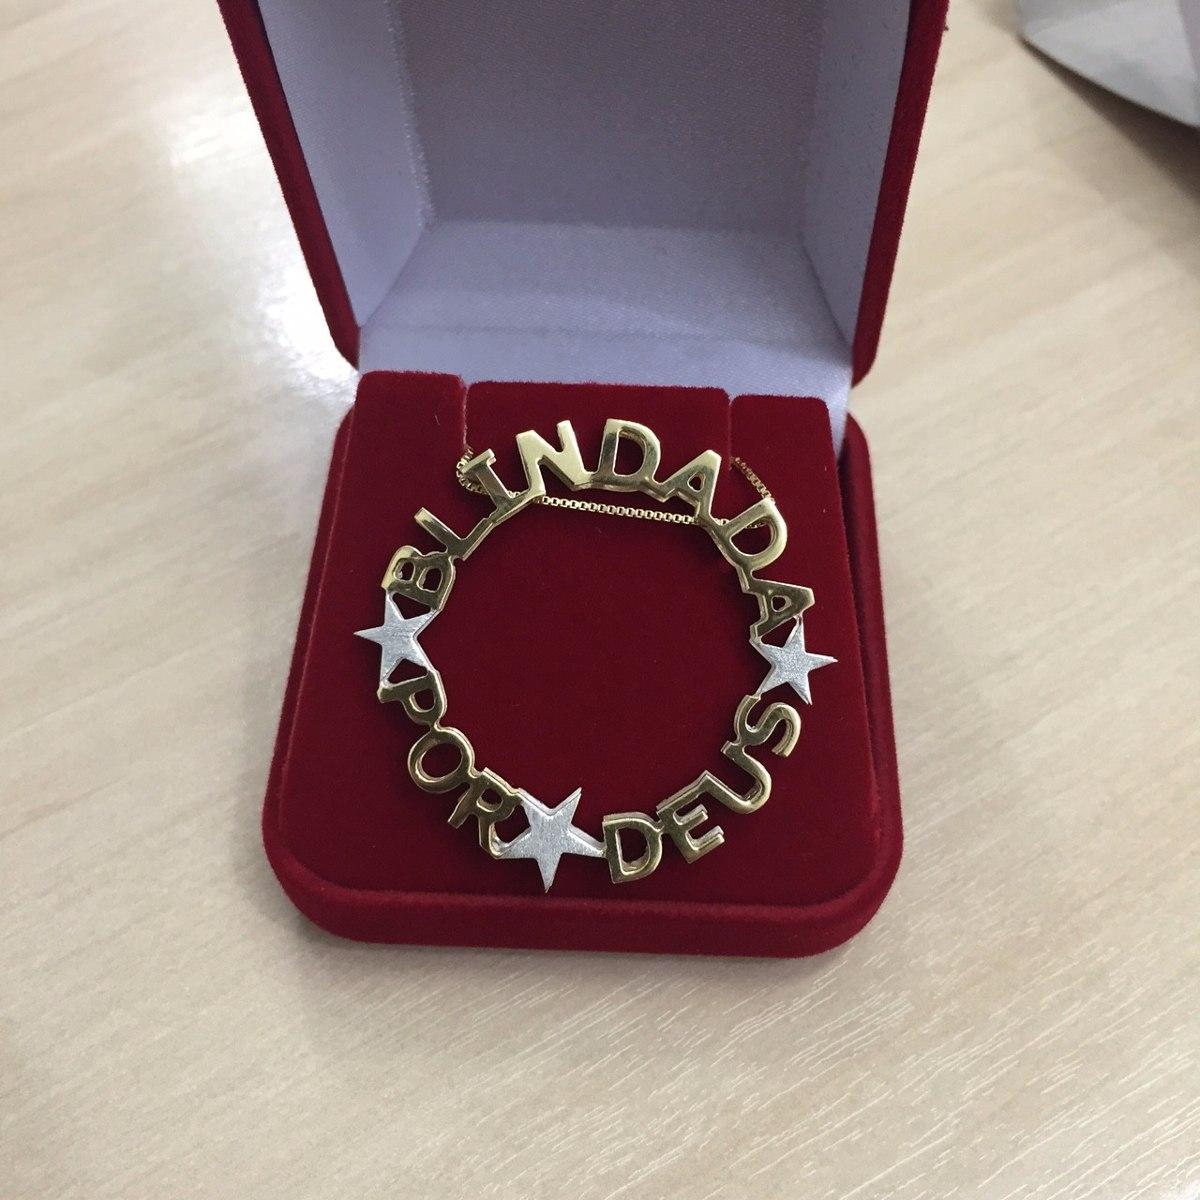 17df8b4de01d2 colar mandala personalizados prata 925 banho ouro 18k. Carregando zoom.